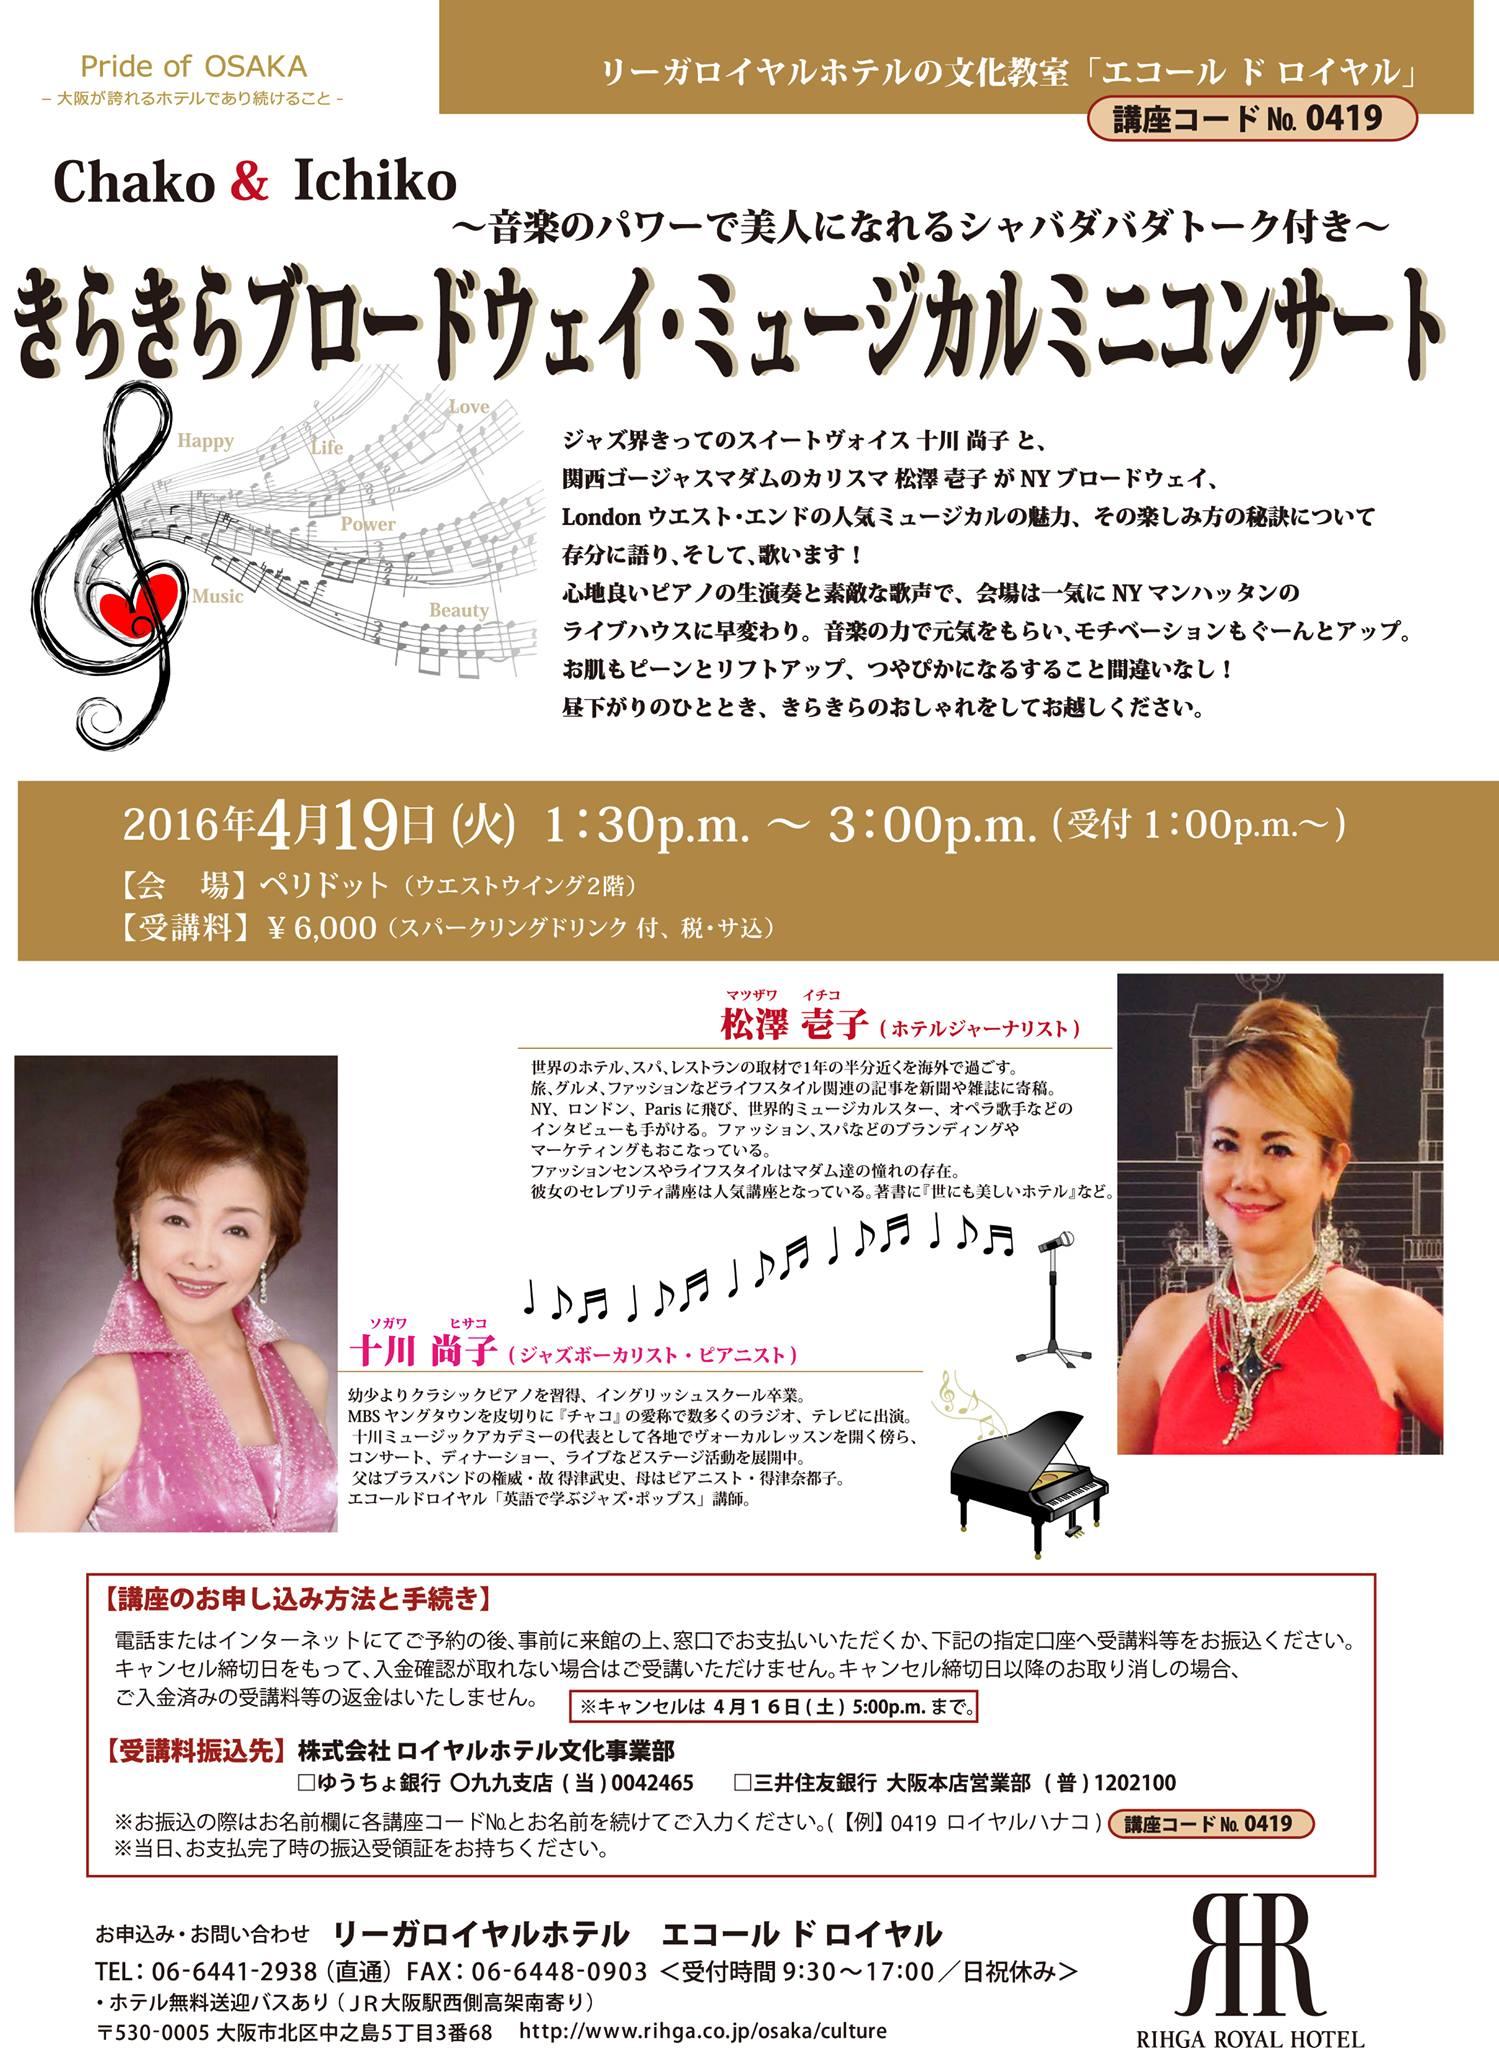 Chako&Ichiko きらきらブロードウェイ・ミュージカルミニコンサート_f0215324_1251517.jpg